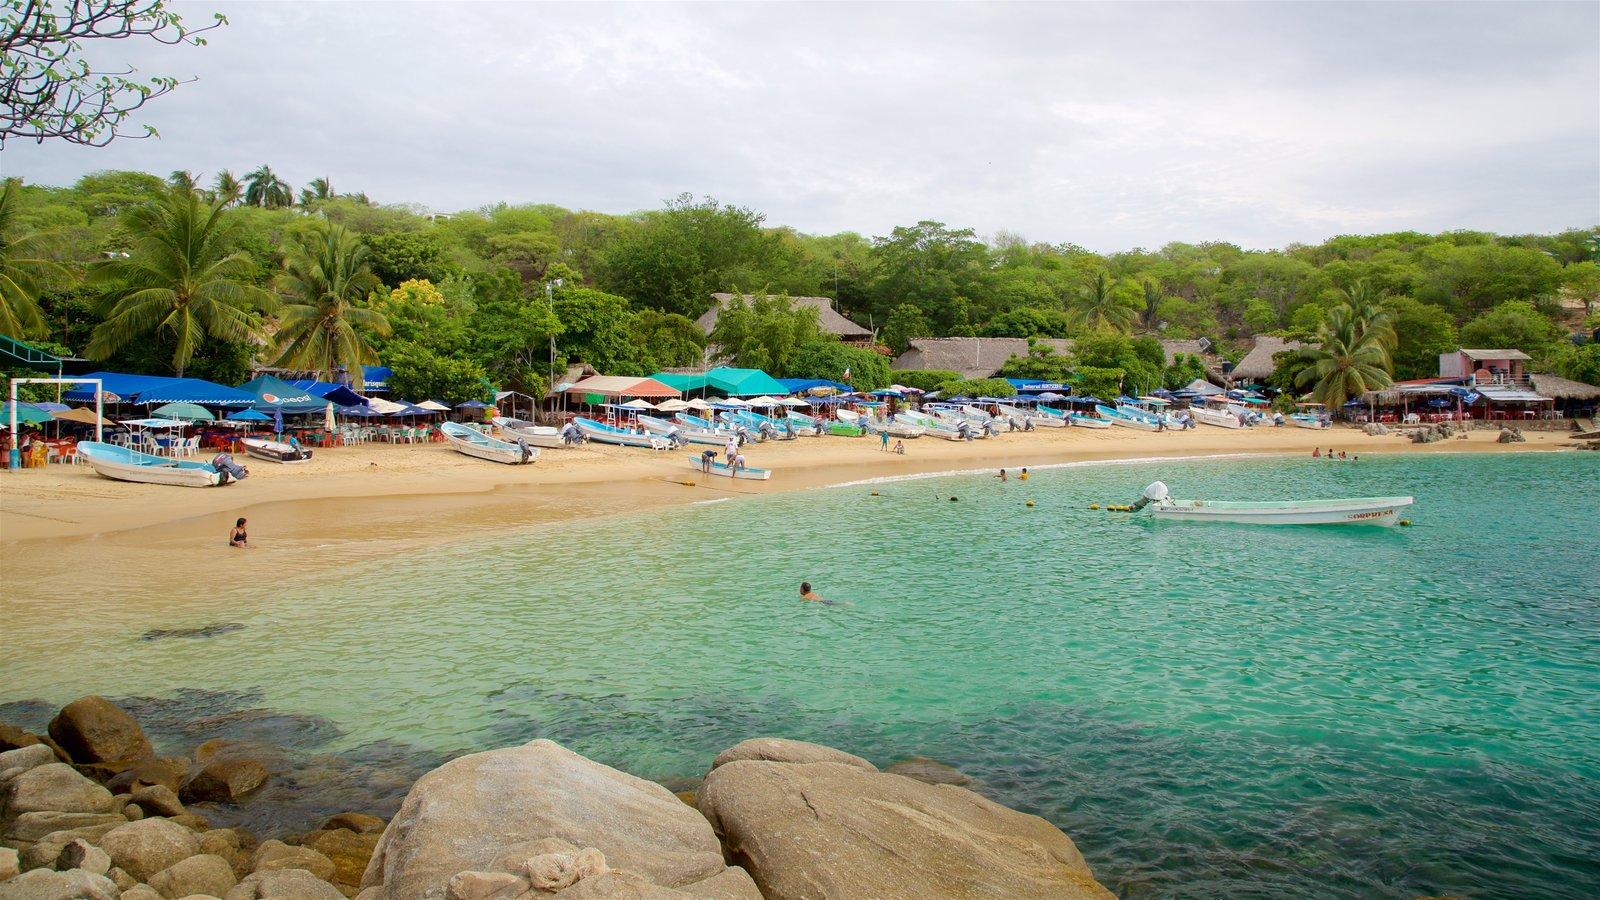 Playa Puerto Angelito que incluye escenas tropicales, paseos en lancha y una playa